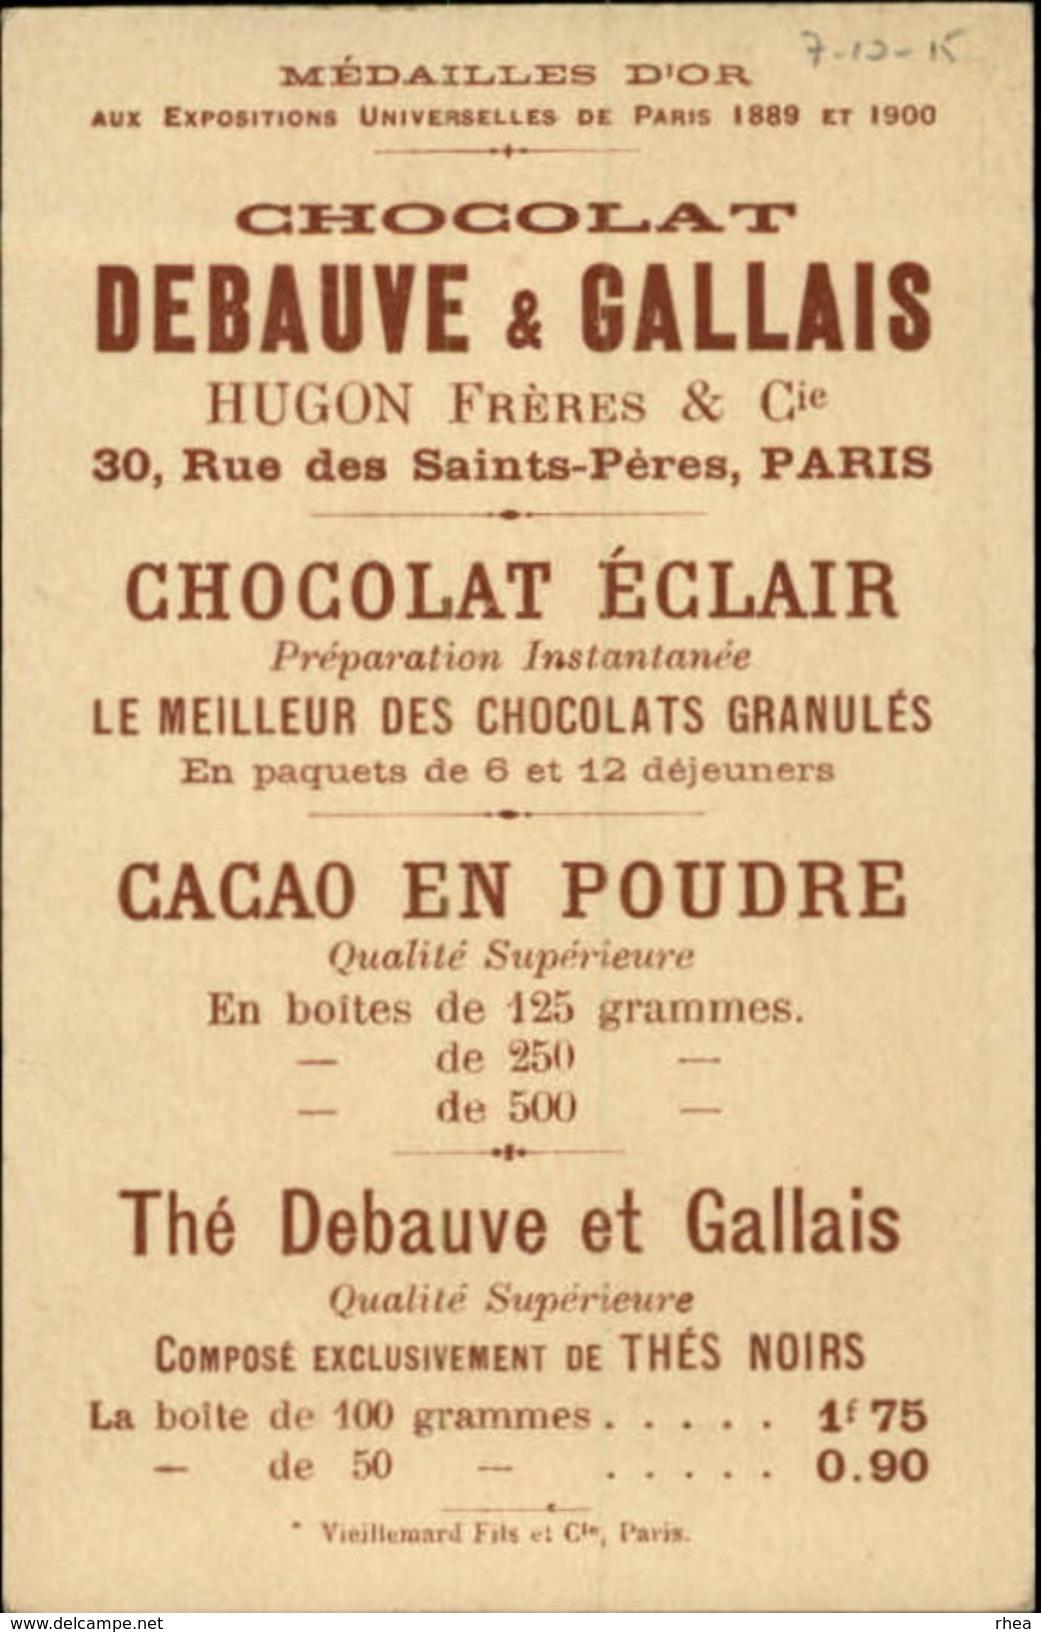 CHROMOS - Pub Pour Chocolat DEBAUVE & GALLAIS - Objet à Chercher - - Chromos